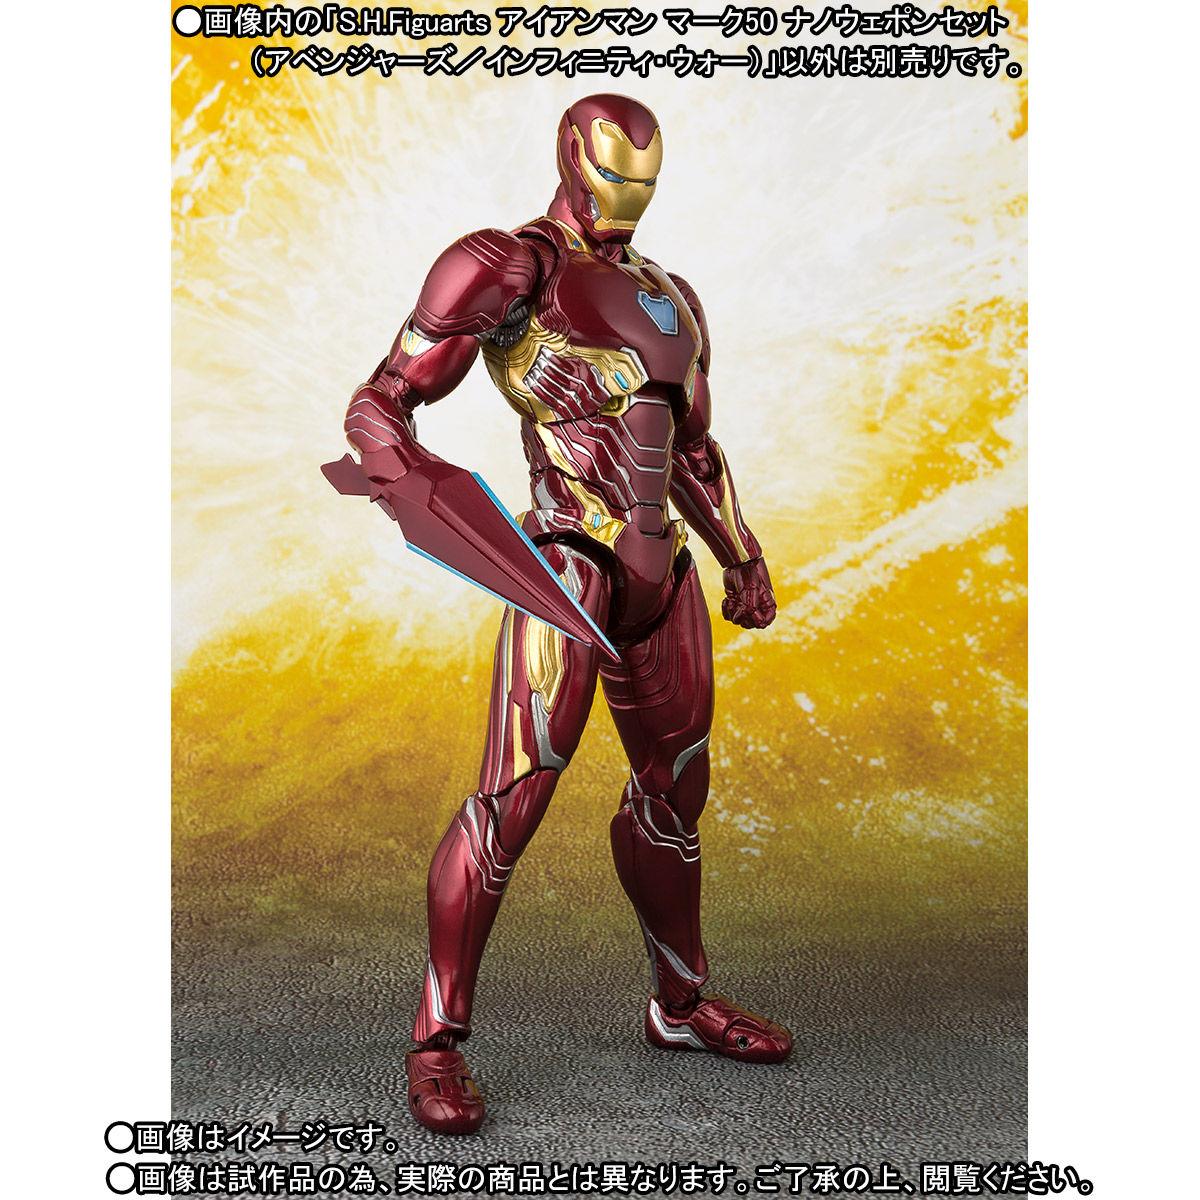 S.H.フィギュアーツ『アイアンマン マーク50 ナノウェポンセット』アベンジャーズ/インフィニティ・ウォー 可動フィギュア-010